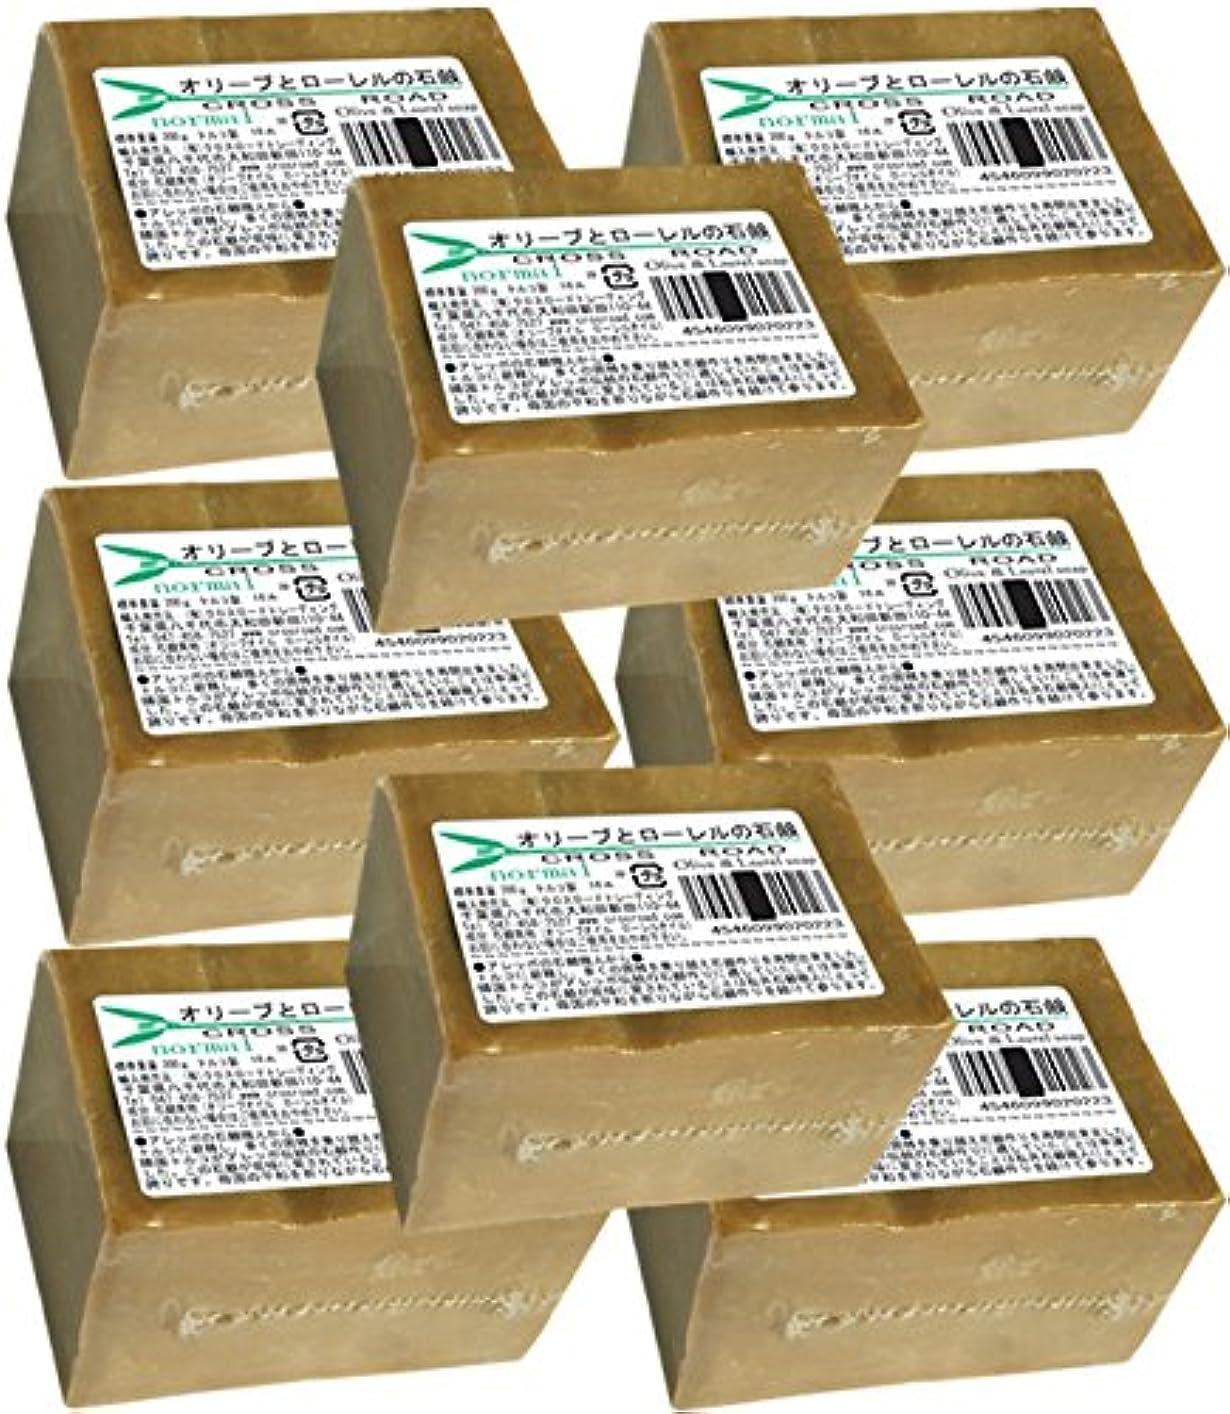 赤字提案するトピックオリーブとローレルの石鹸(ノーマル)8個セット[並行輸入品]